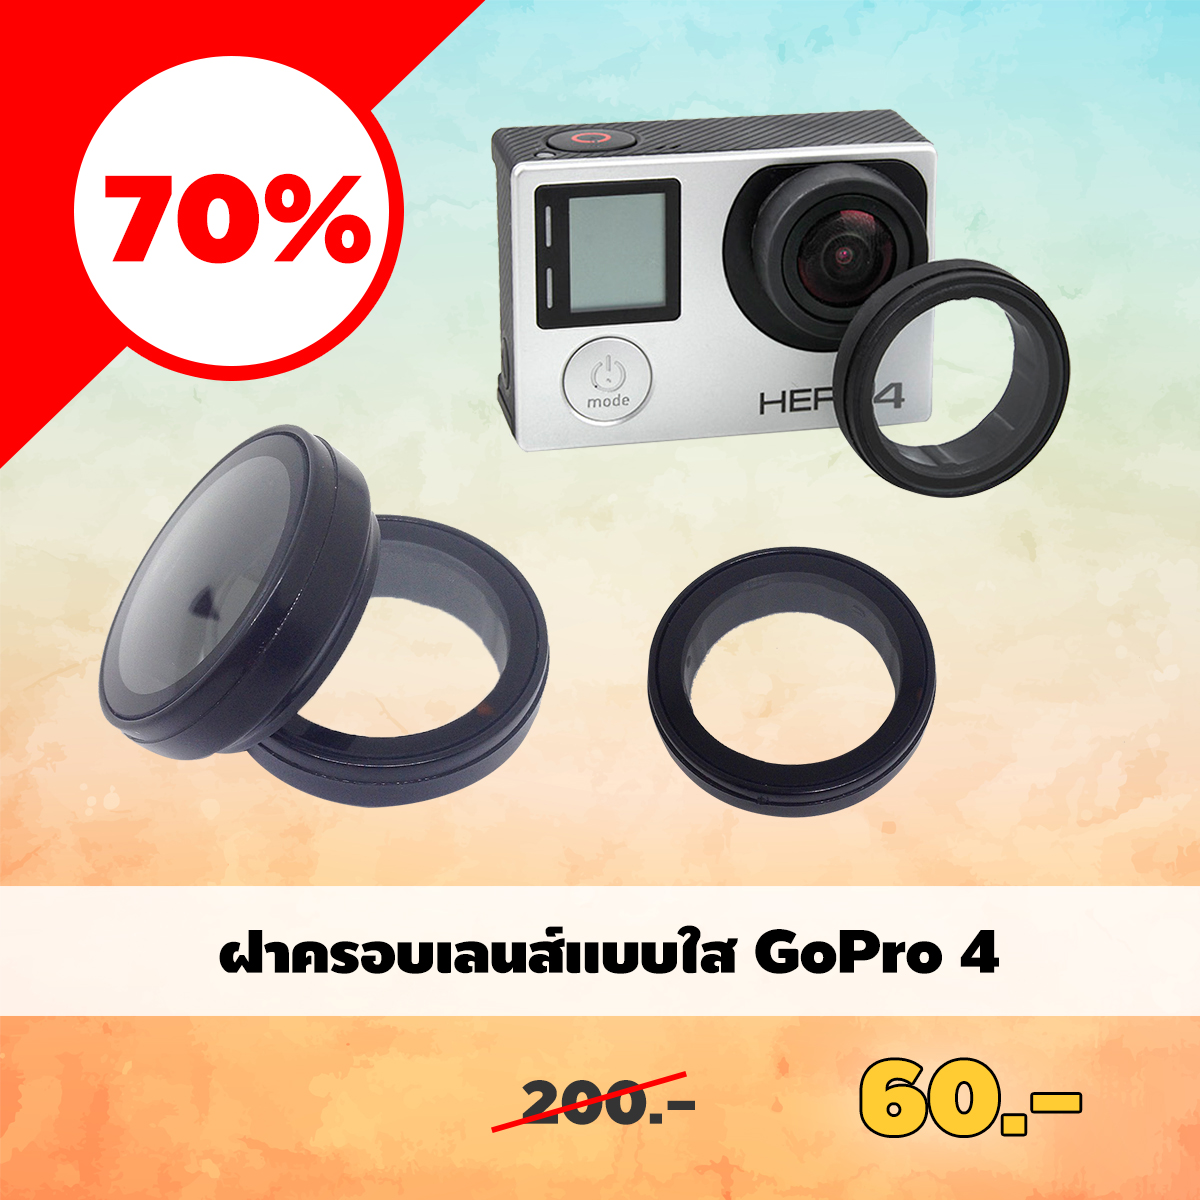 ฝาครอบเลนส์แบบใส GoPro 4